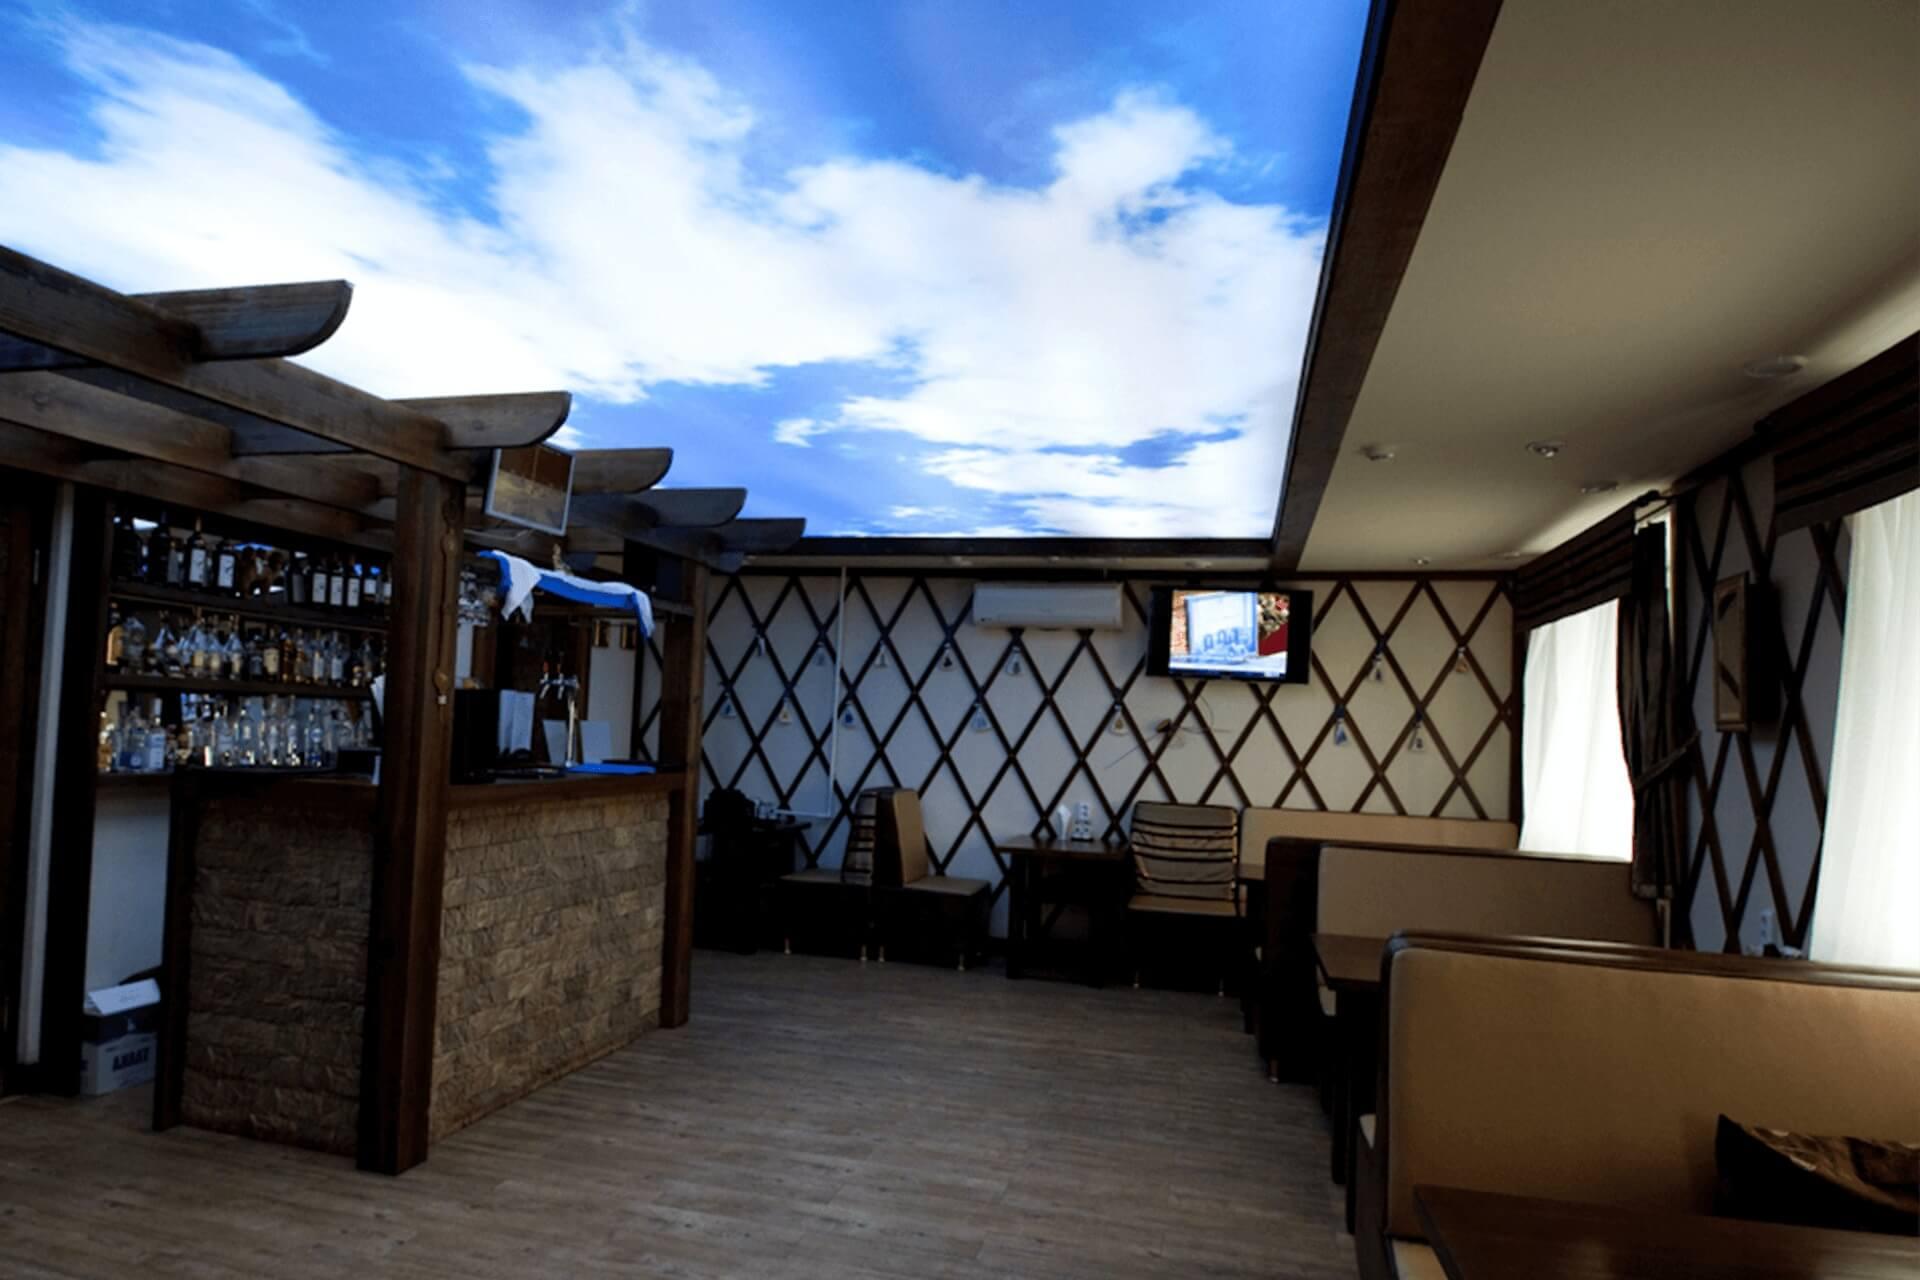 Натяжной потолок небо с подсветкой в ресторане